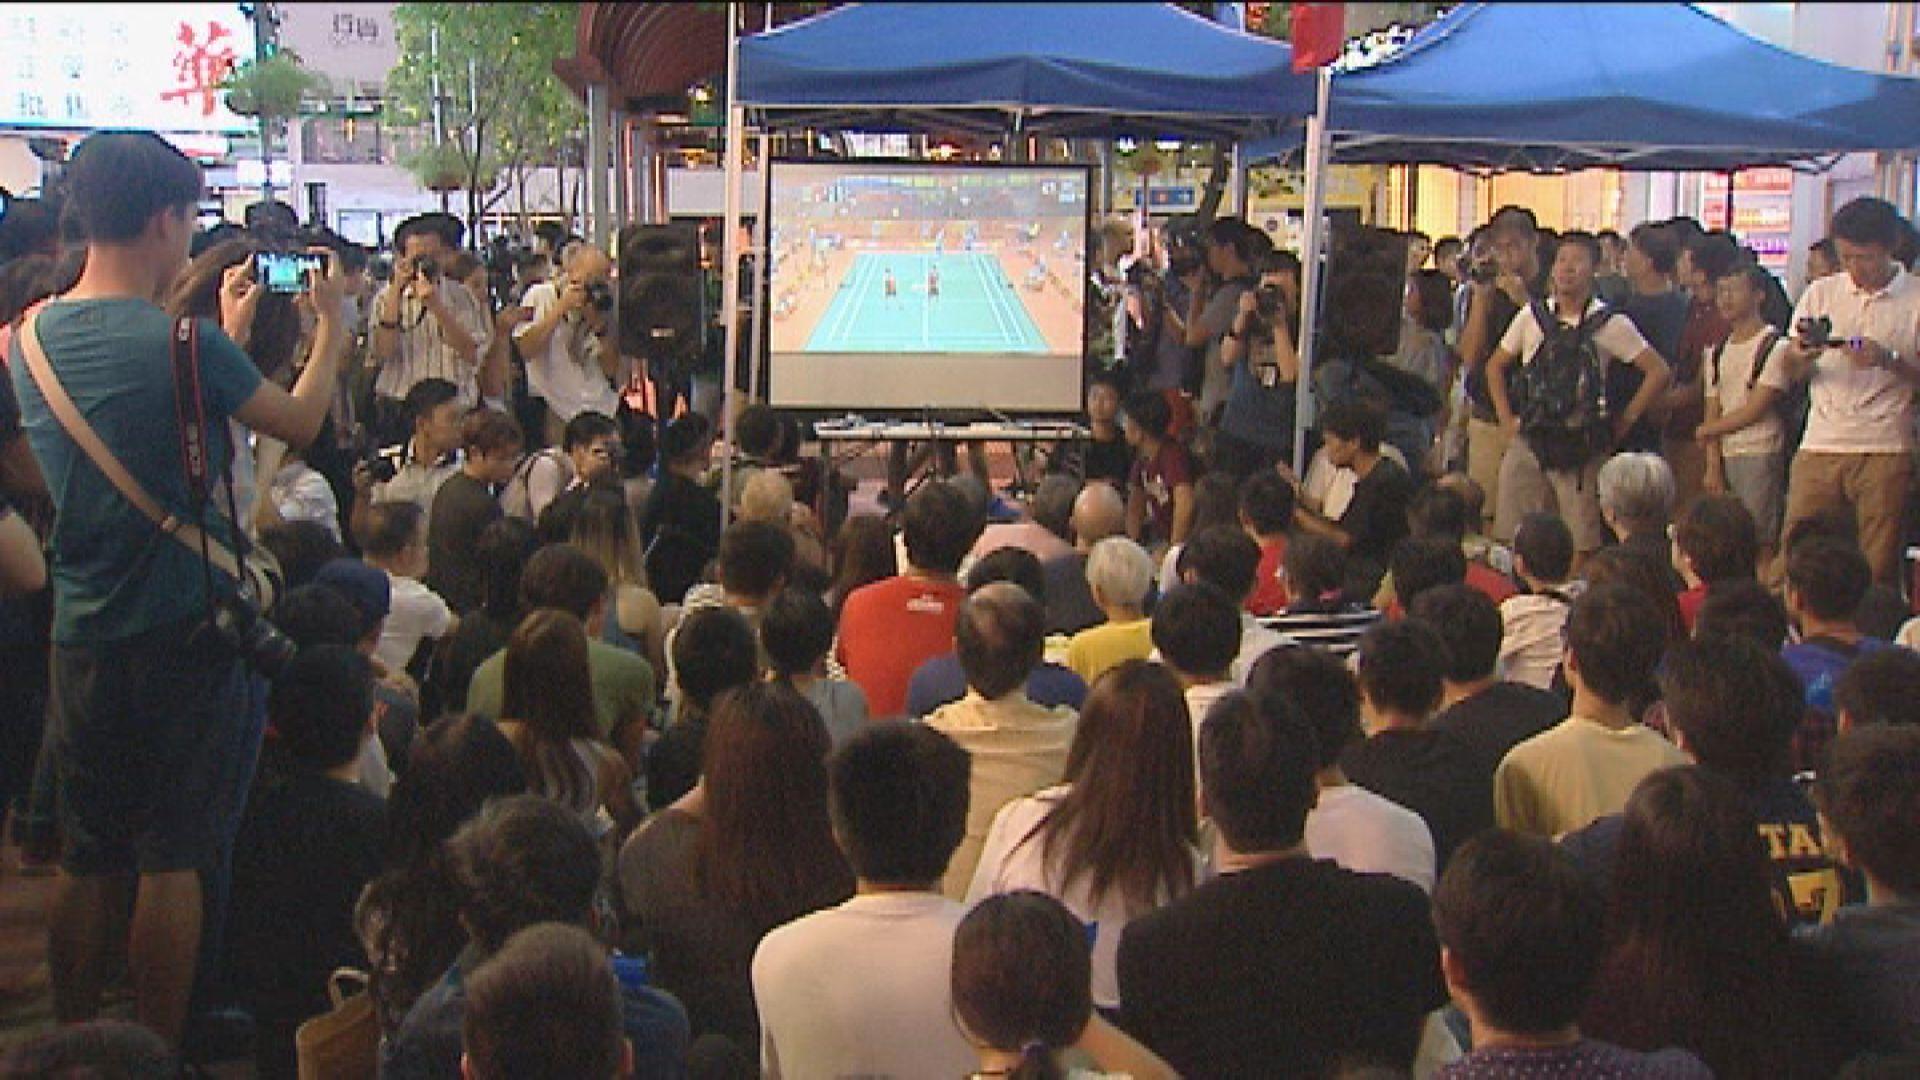 林鄭:政府破格斥資購奧運轉播權 望市民為運動員打氣